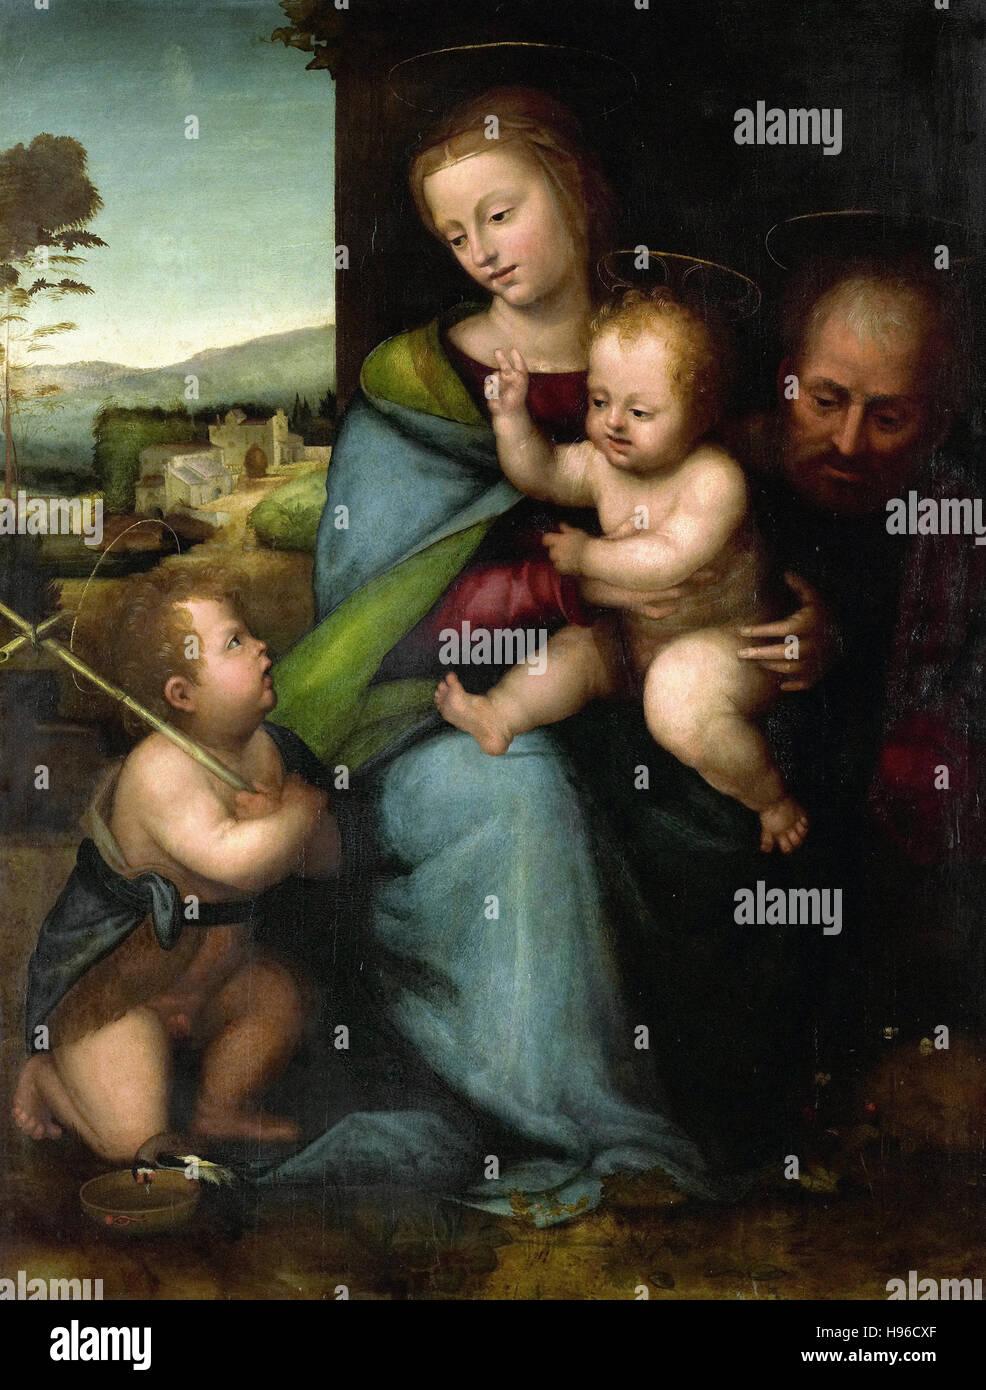 Fra Bartolommeo - La Santa Famiglia con il Bambino di San Giovanni Battista Immagini Stock